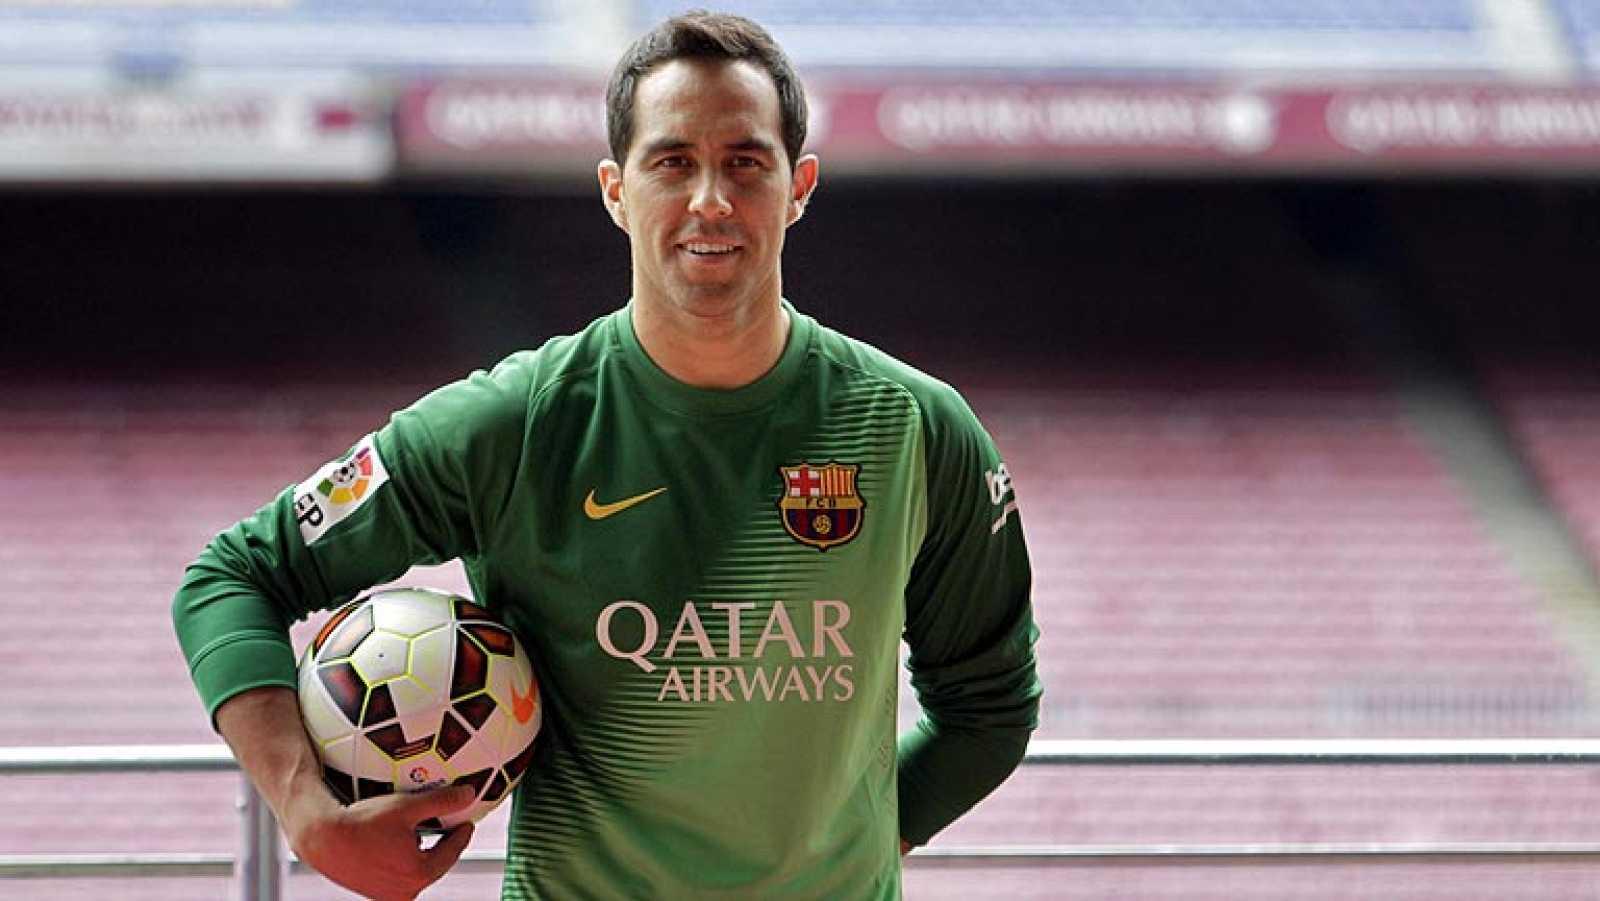 Para todos los públicos El portero Claudio Bravo firma con el Barça  reproducir video 2af782bae7e